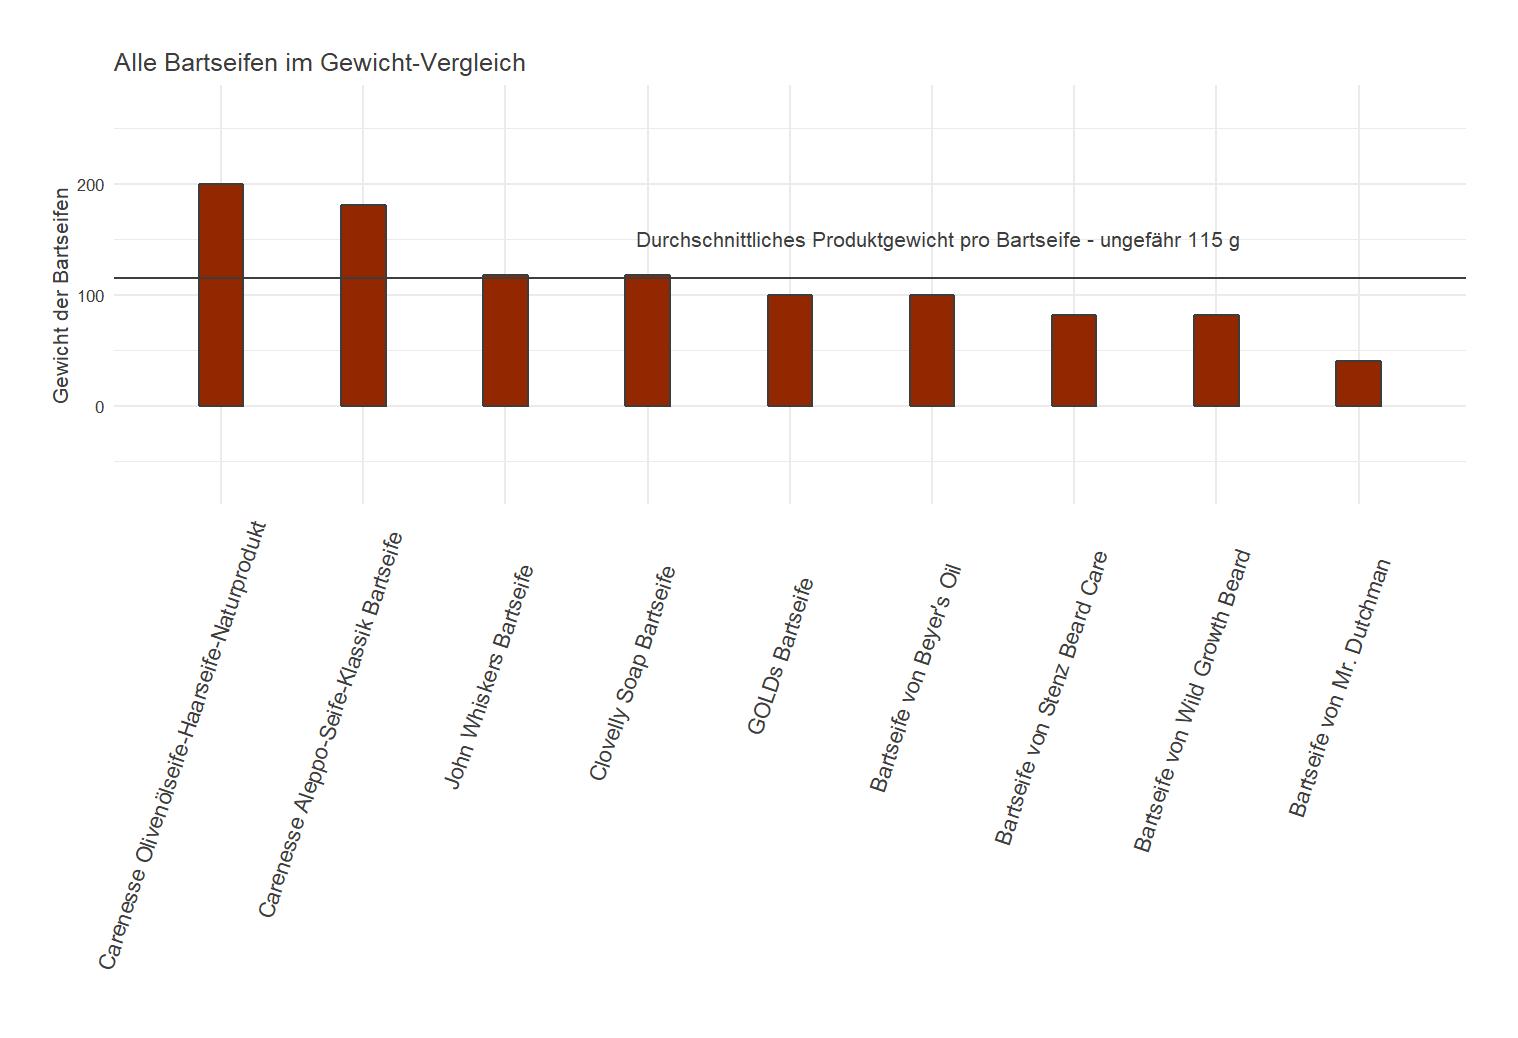 Produktgewicht-Vergleich aller Bartseifen